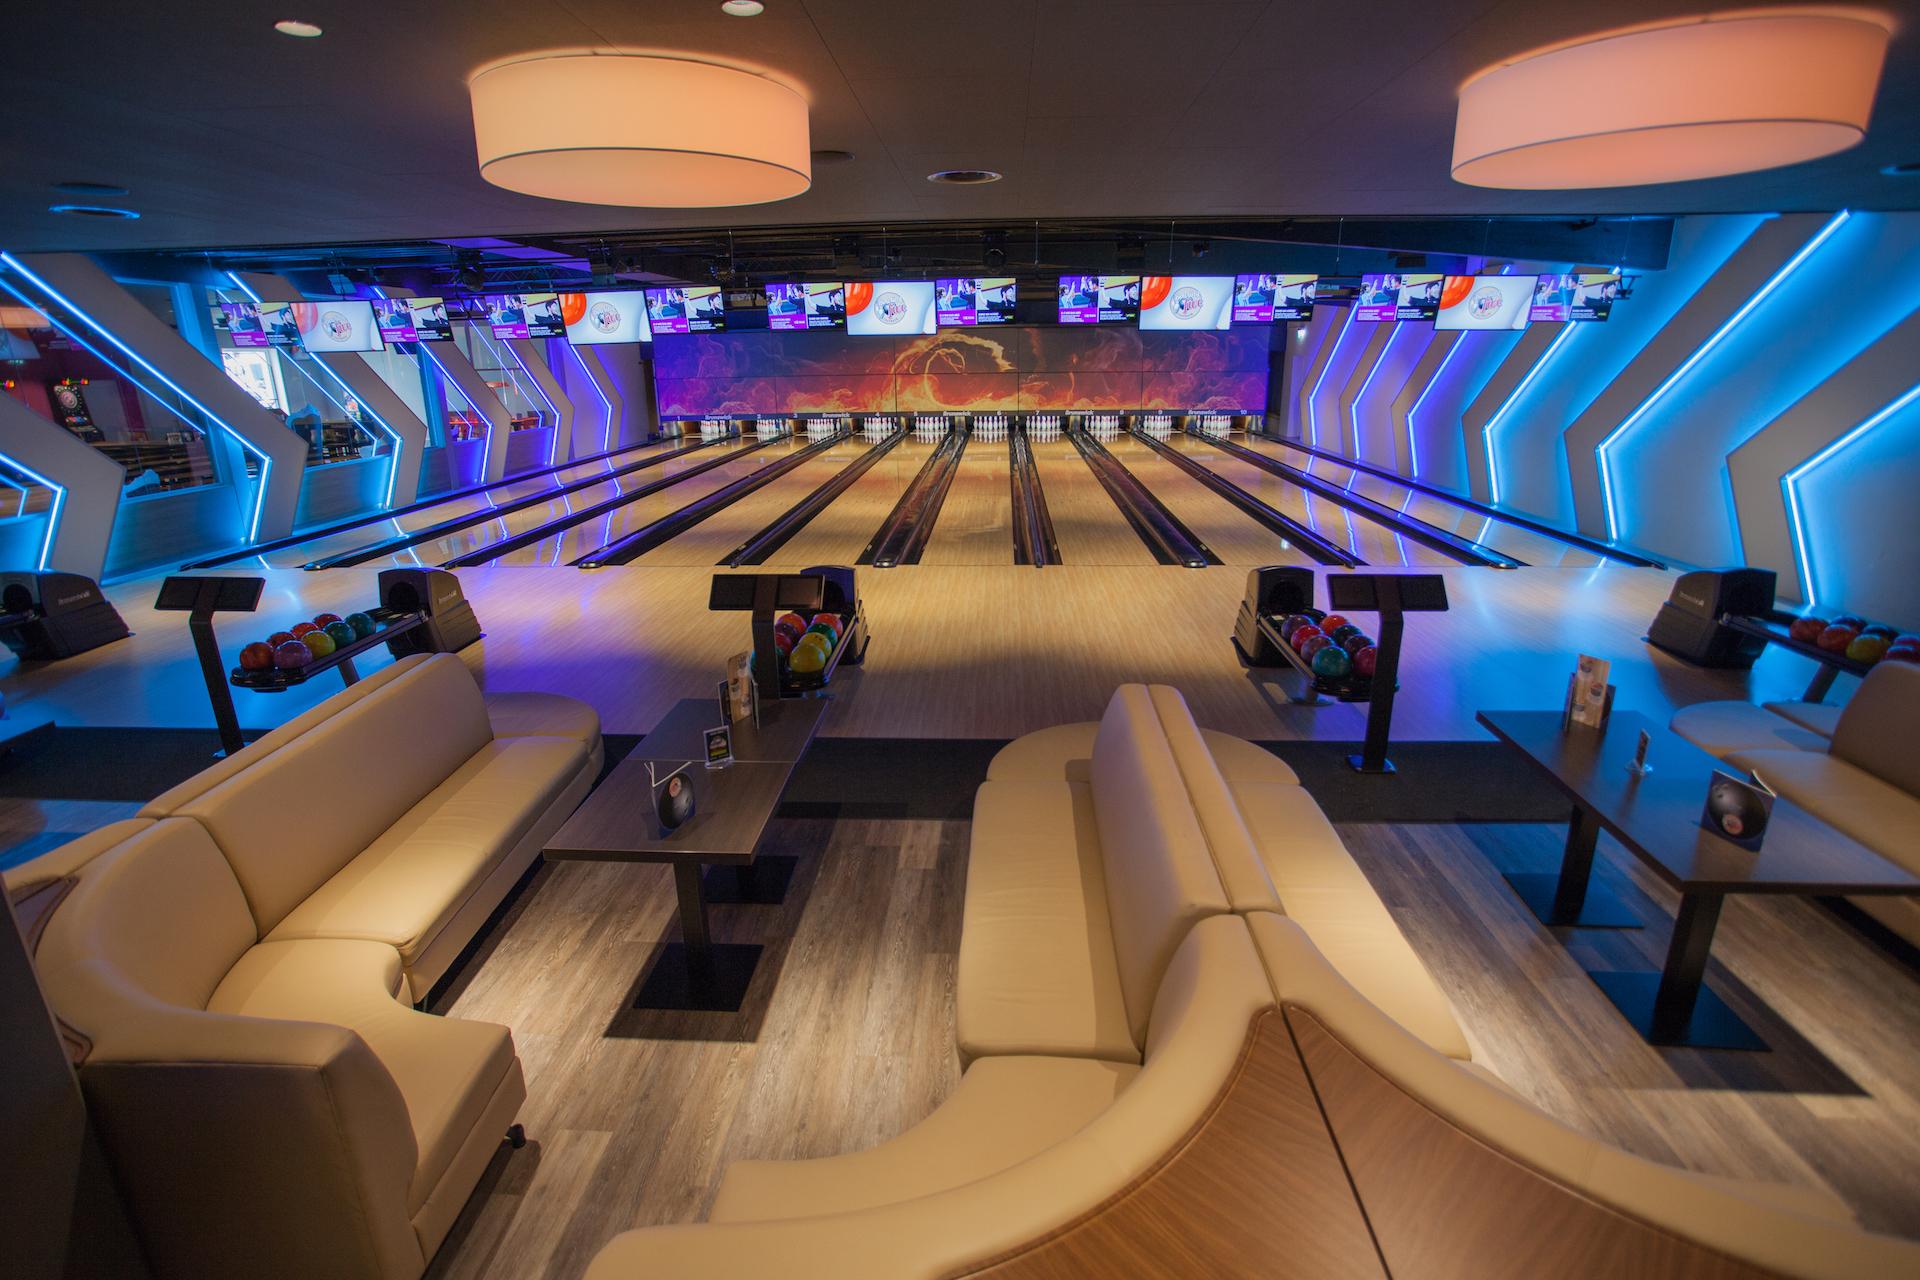 Blick auf die 10 Bowlingbahnen